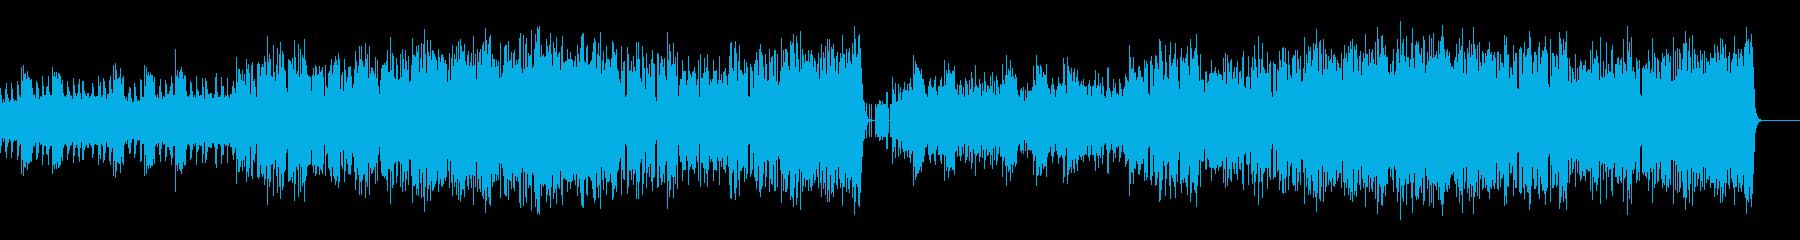 低音・没入感・陶酔感のあるBGMの再生済みの波形